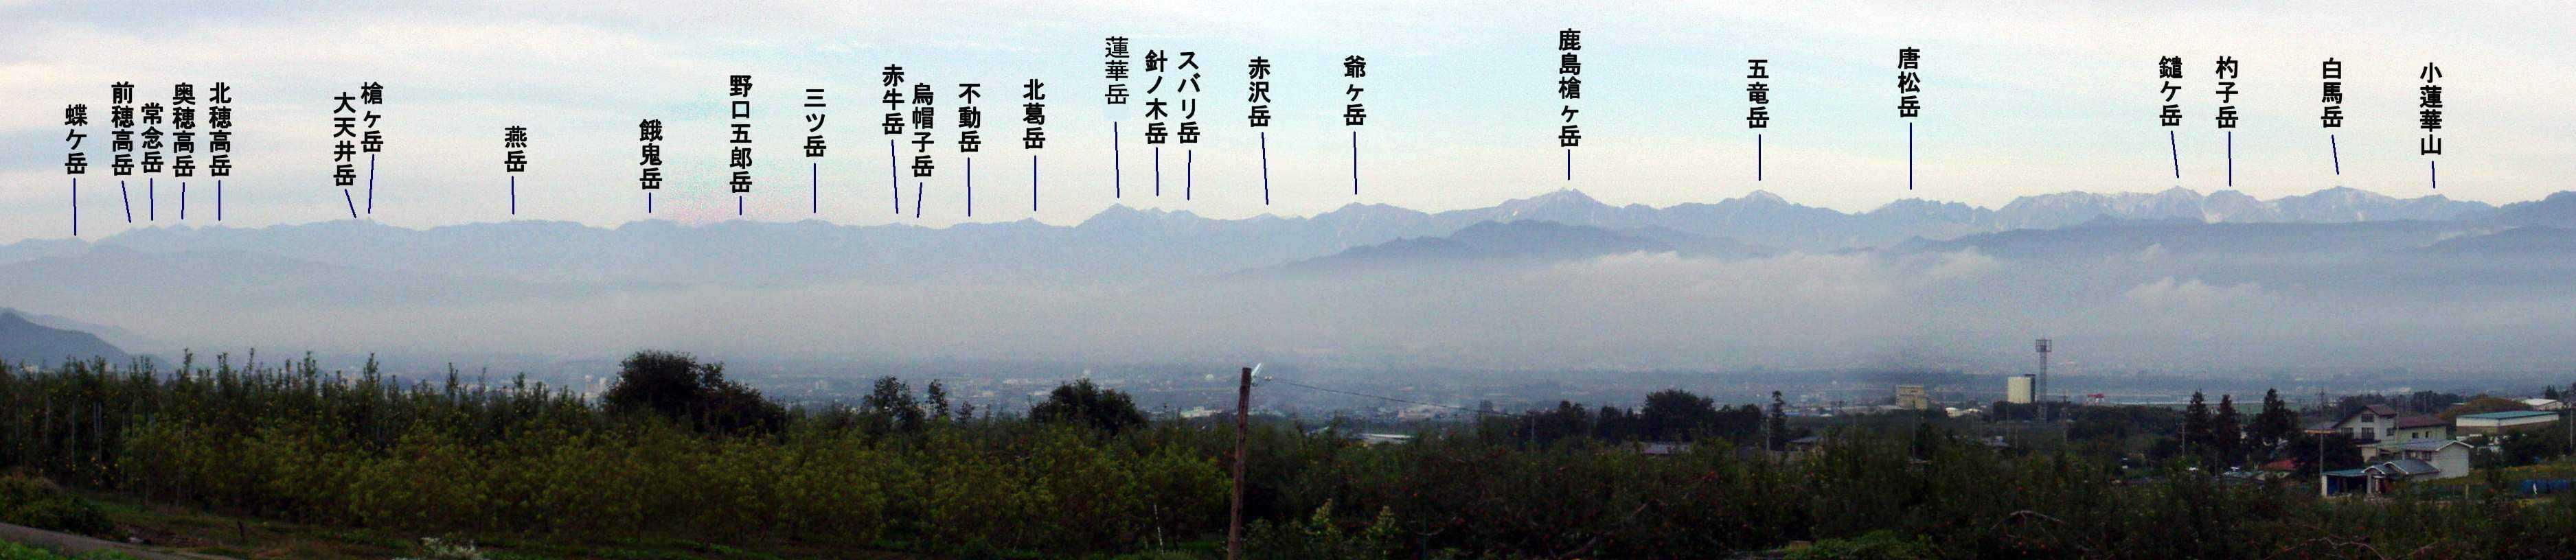 朝霧と北アルプス : 日本地図の画像 : 日本